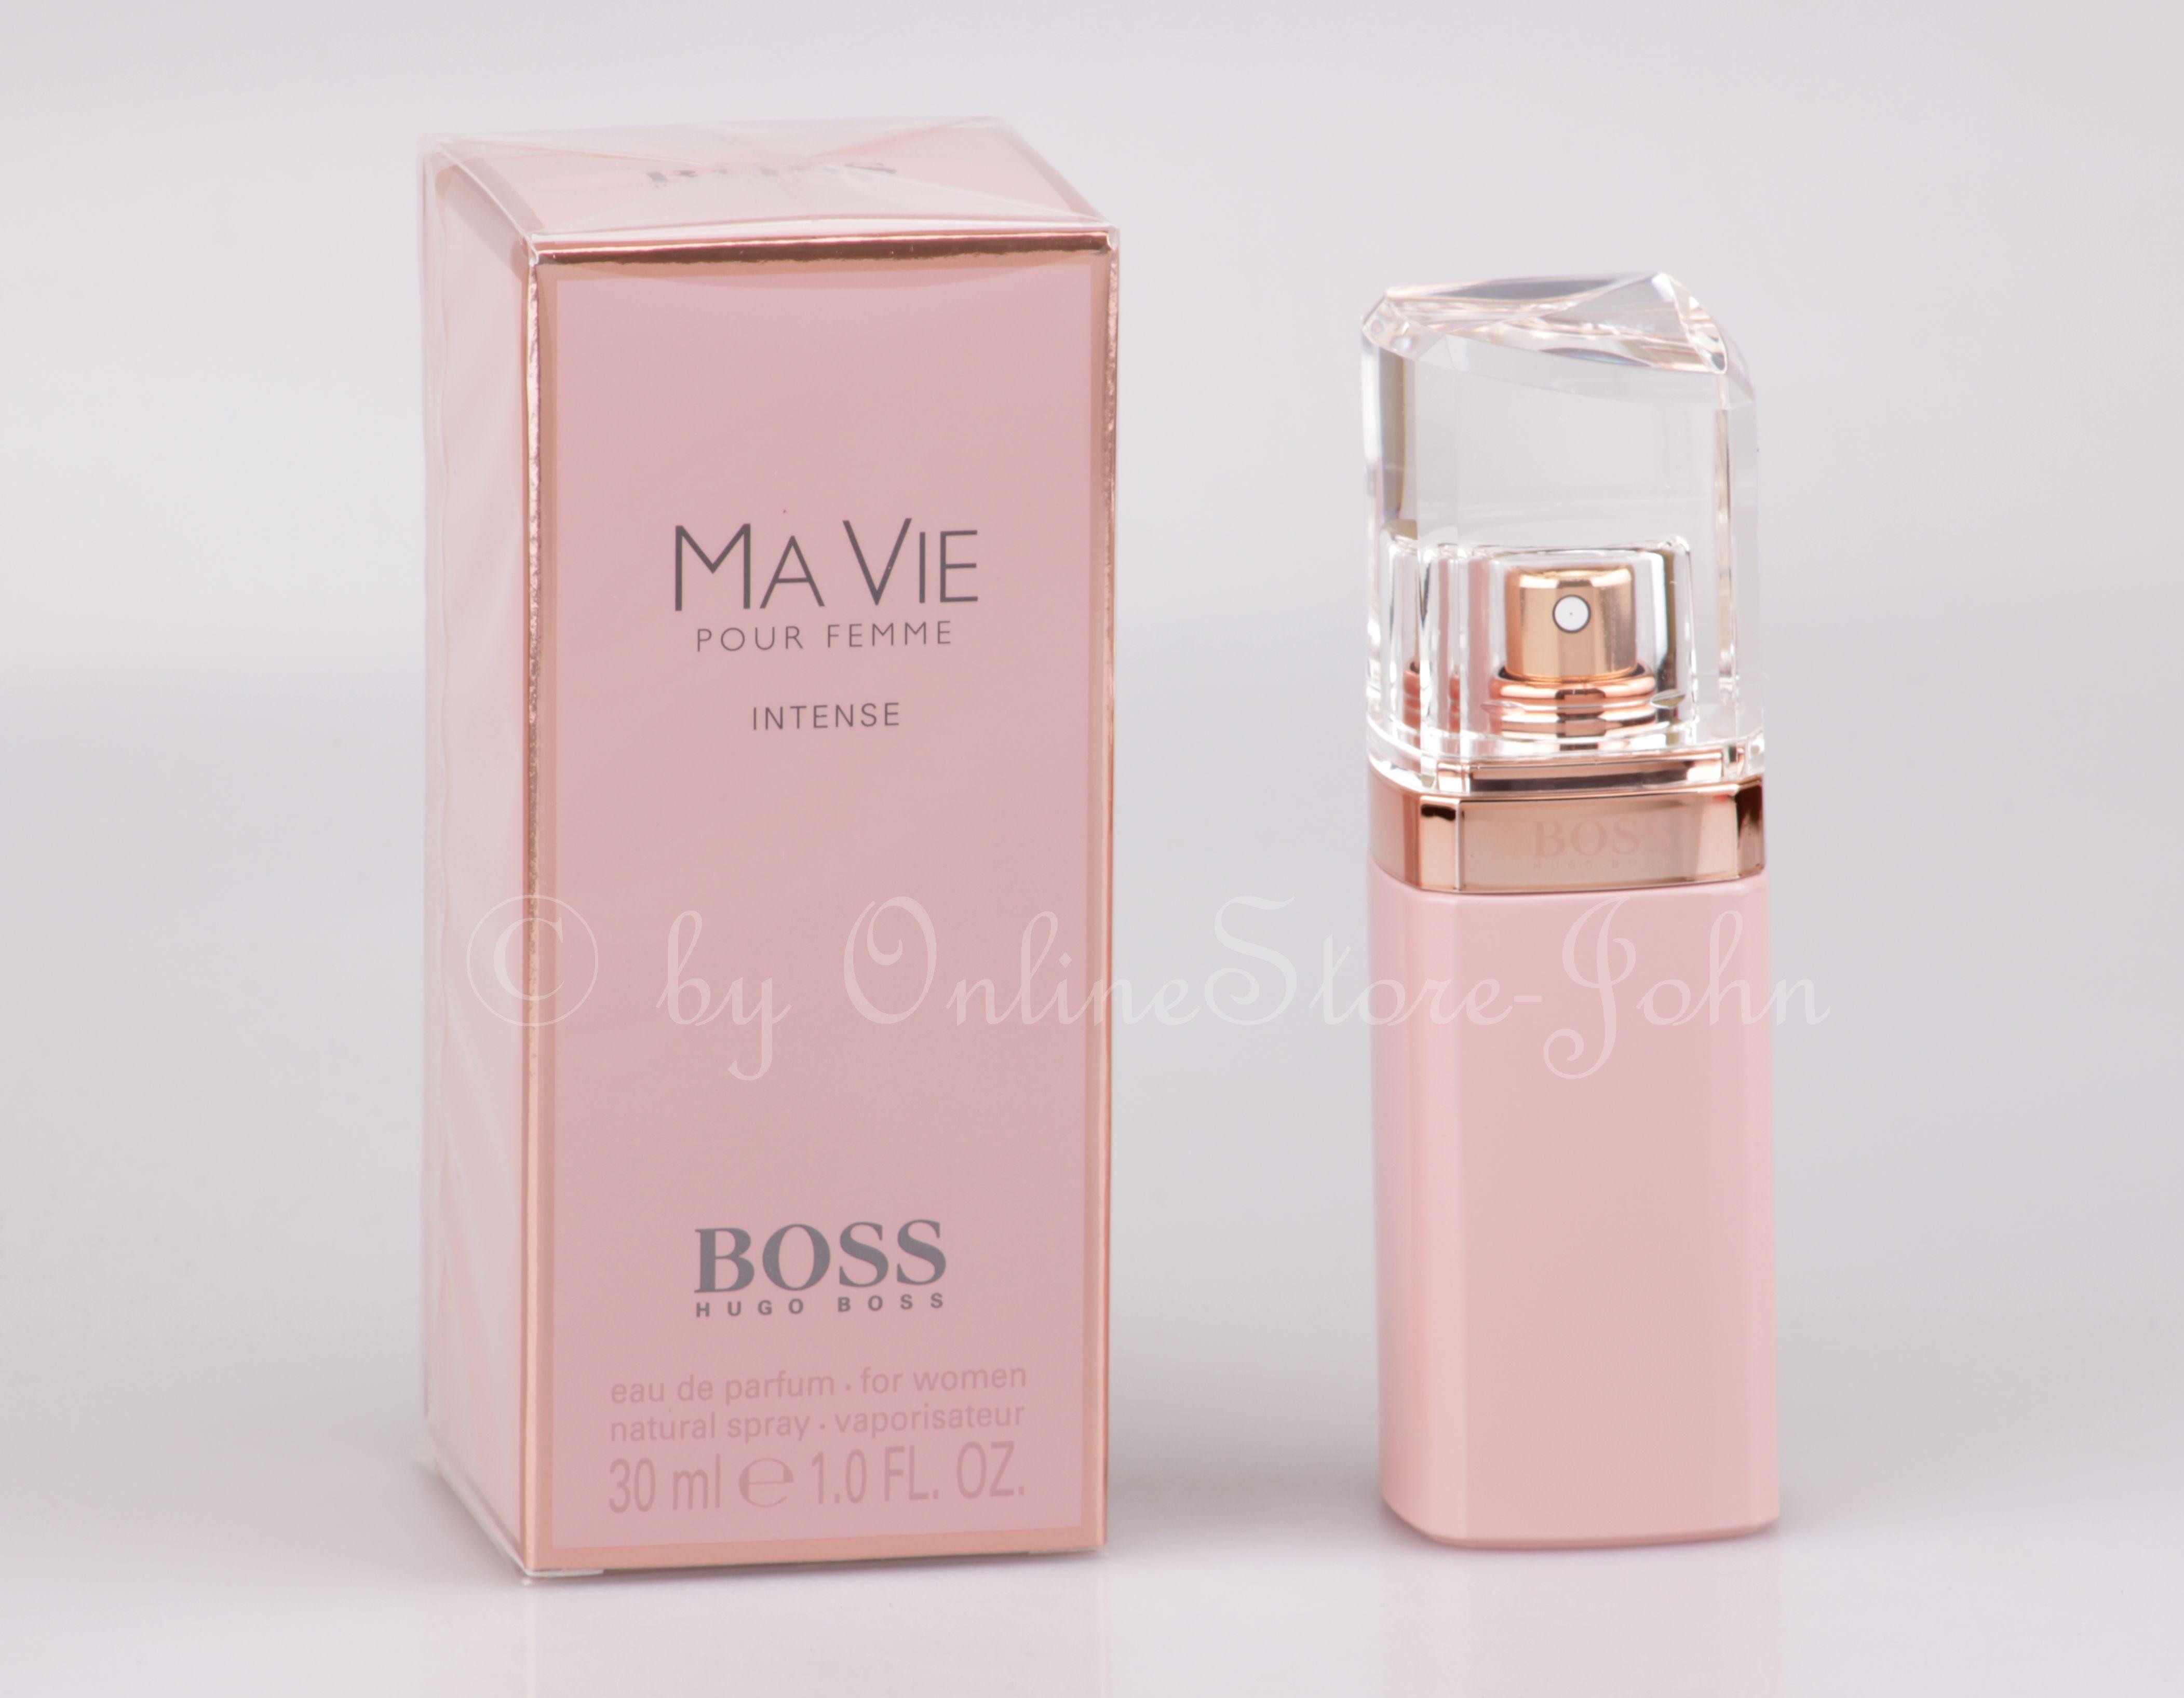 Hugo Boss Ma Vie Pour Femme Intense 30ml Edp Eau De Parfum